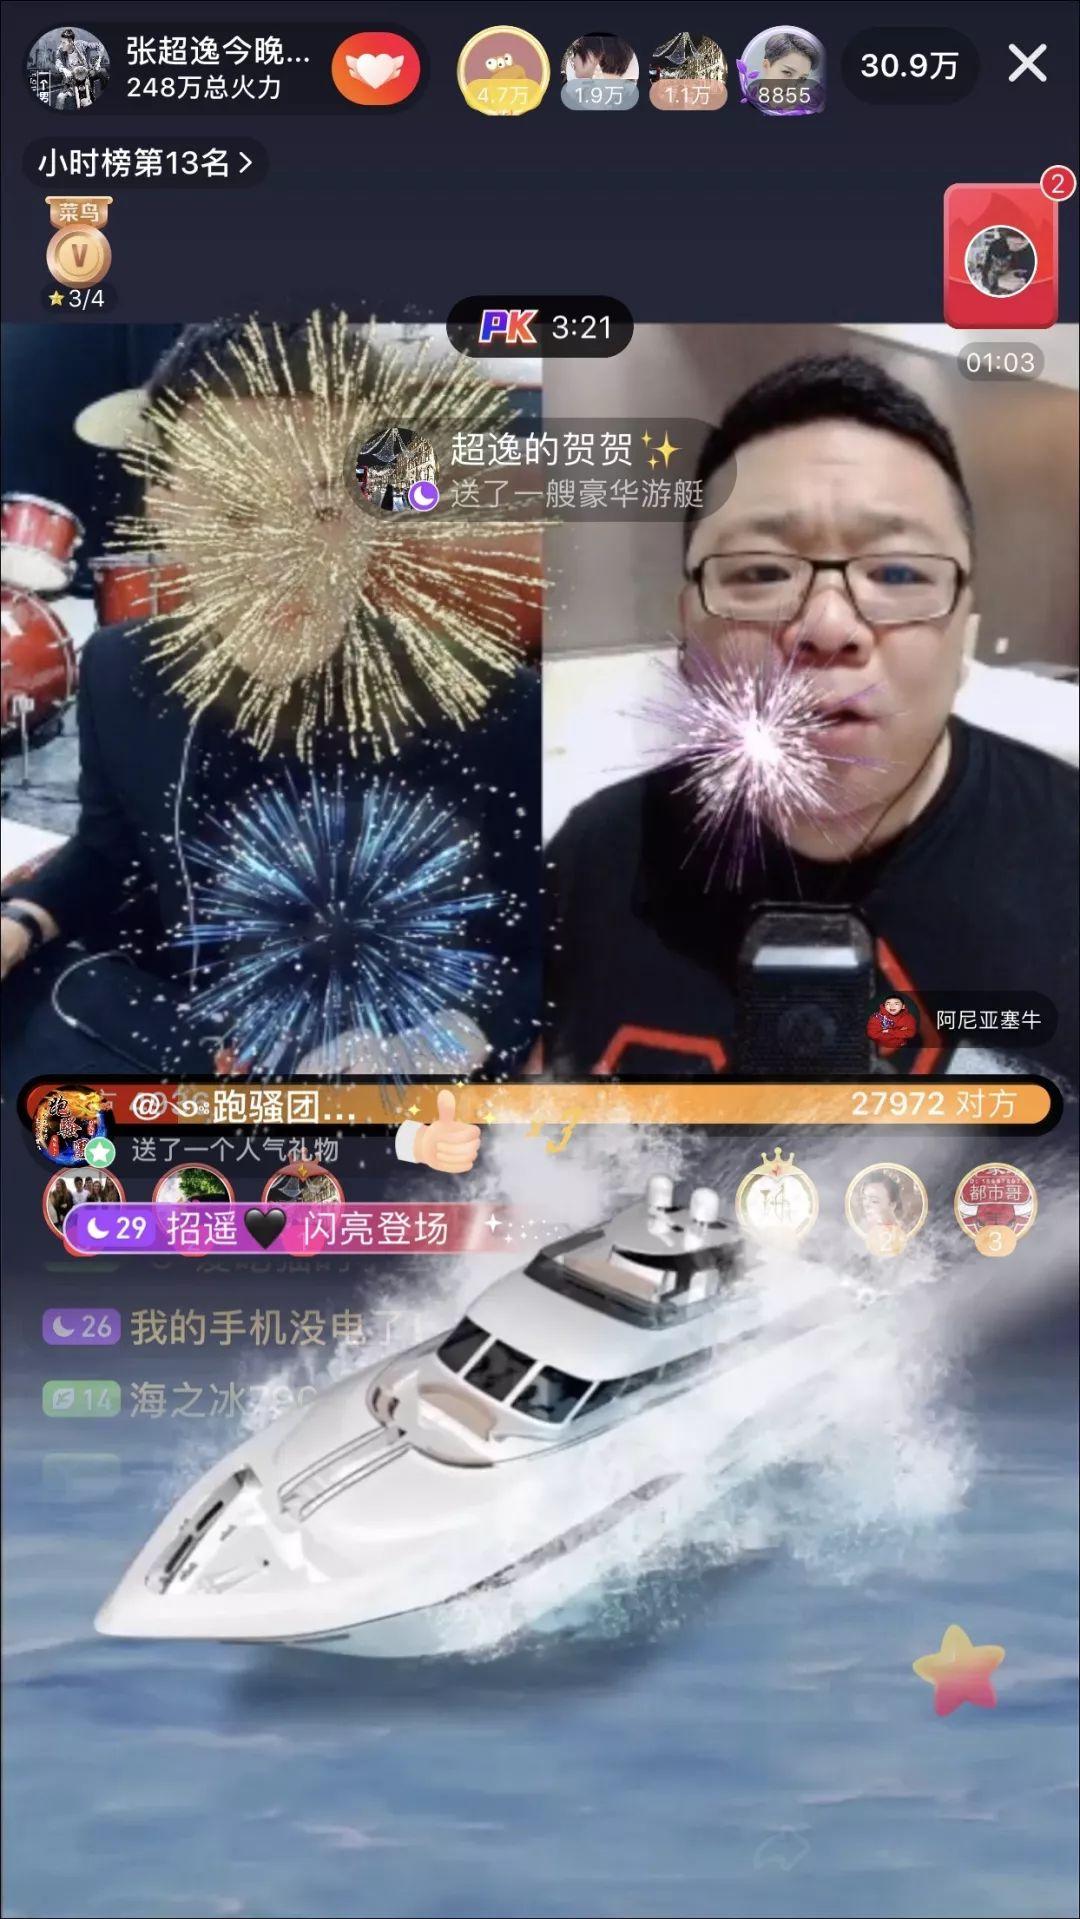 天易2娱乐:专访张超逸 从美拍一哥再到火